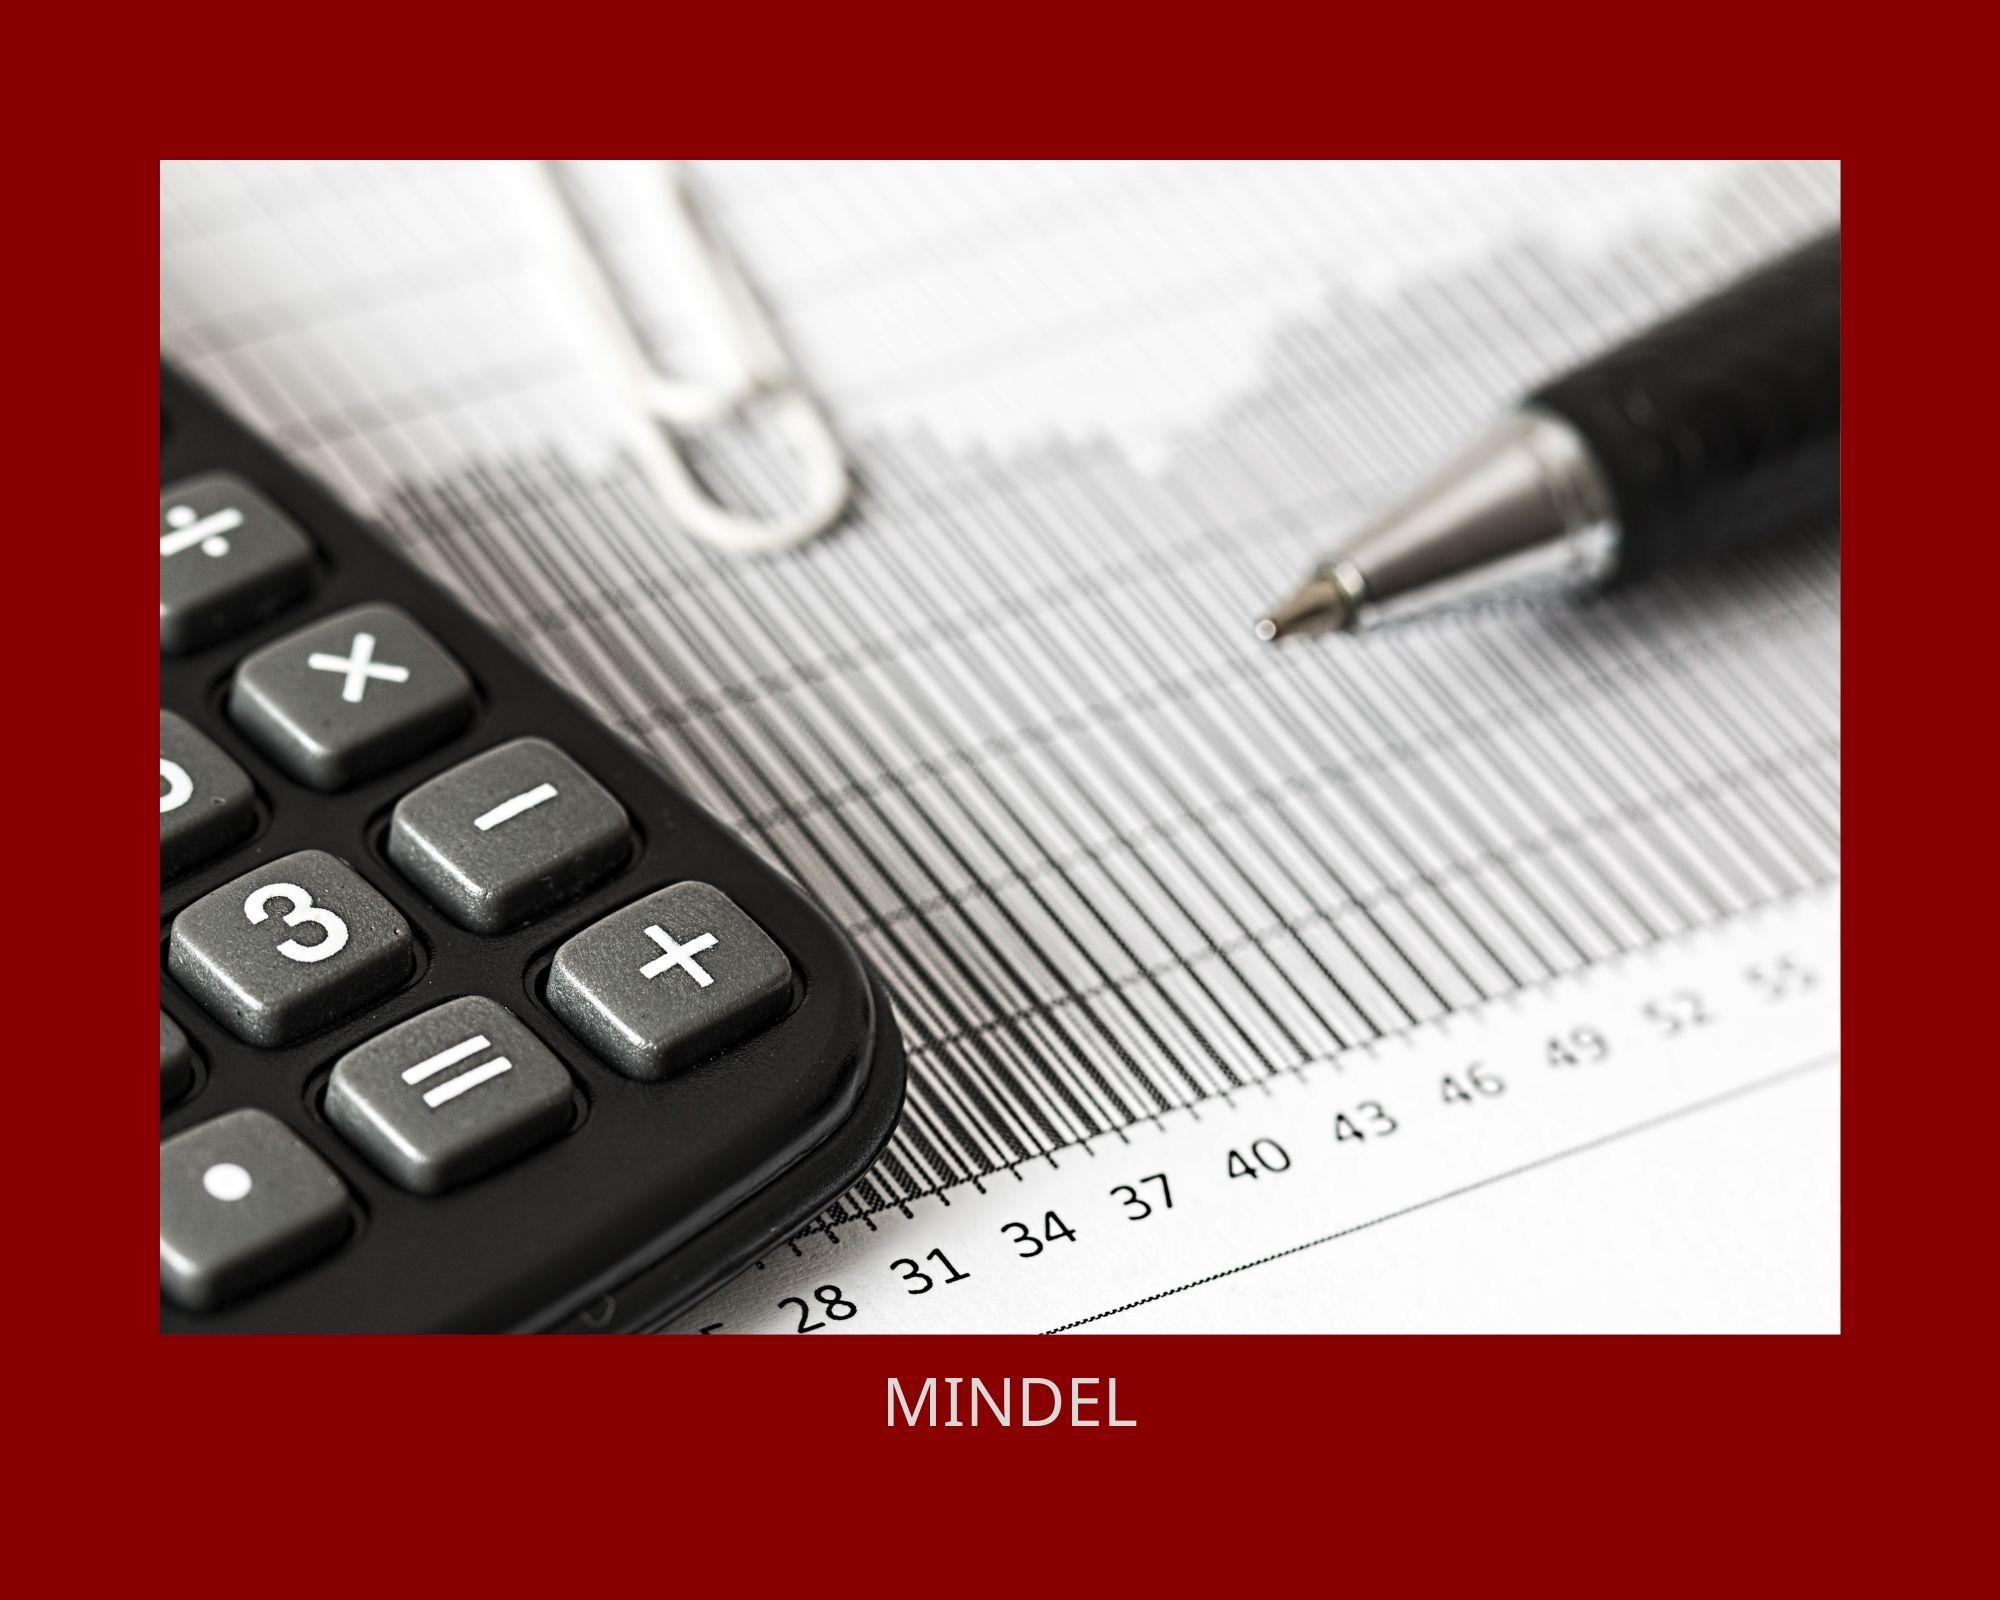 Έρχονται τρία νέα προγράμματα ΕΣΠΑ για μικρομεσαίες επιχειρήσεις